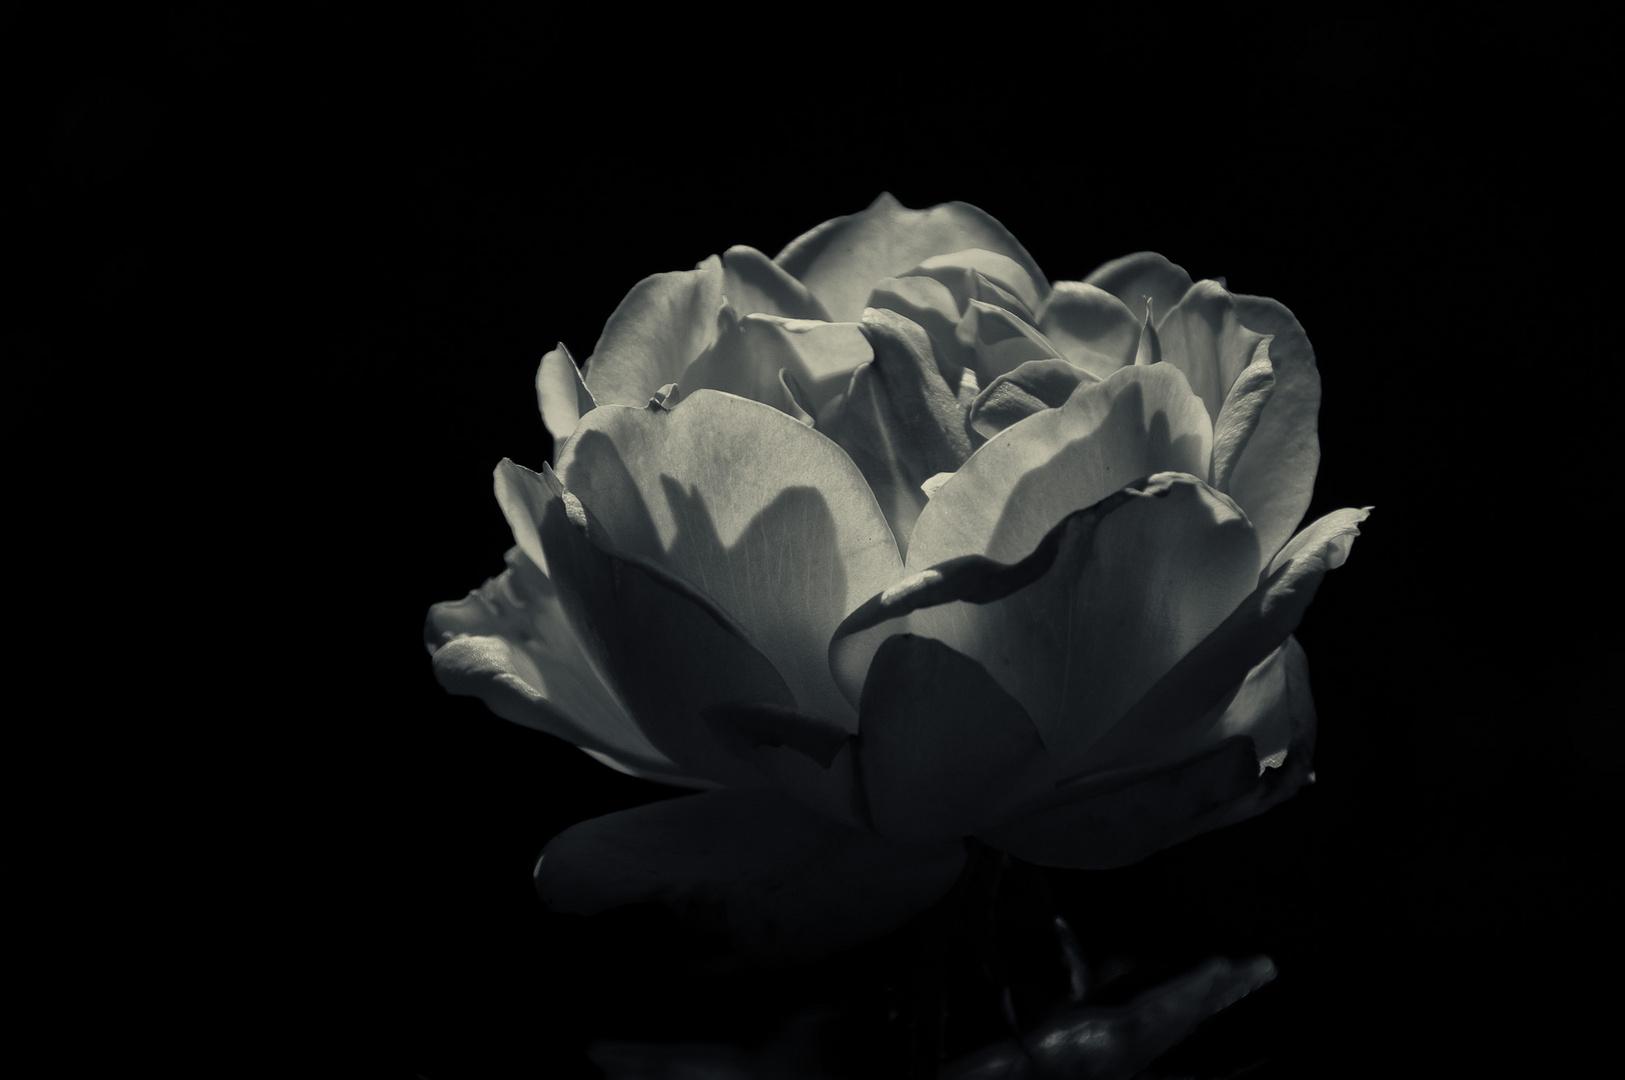 monochrome rose im licht